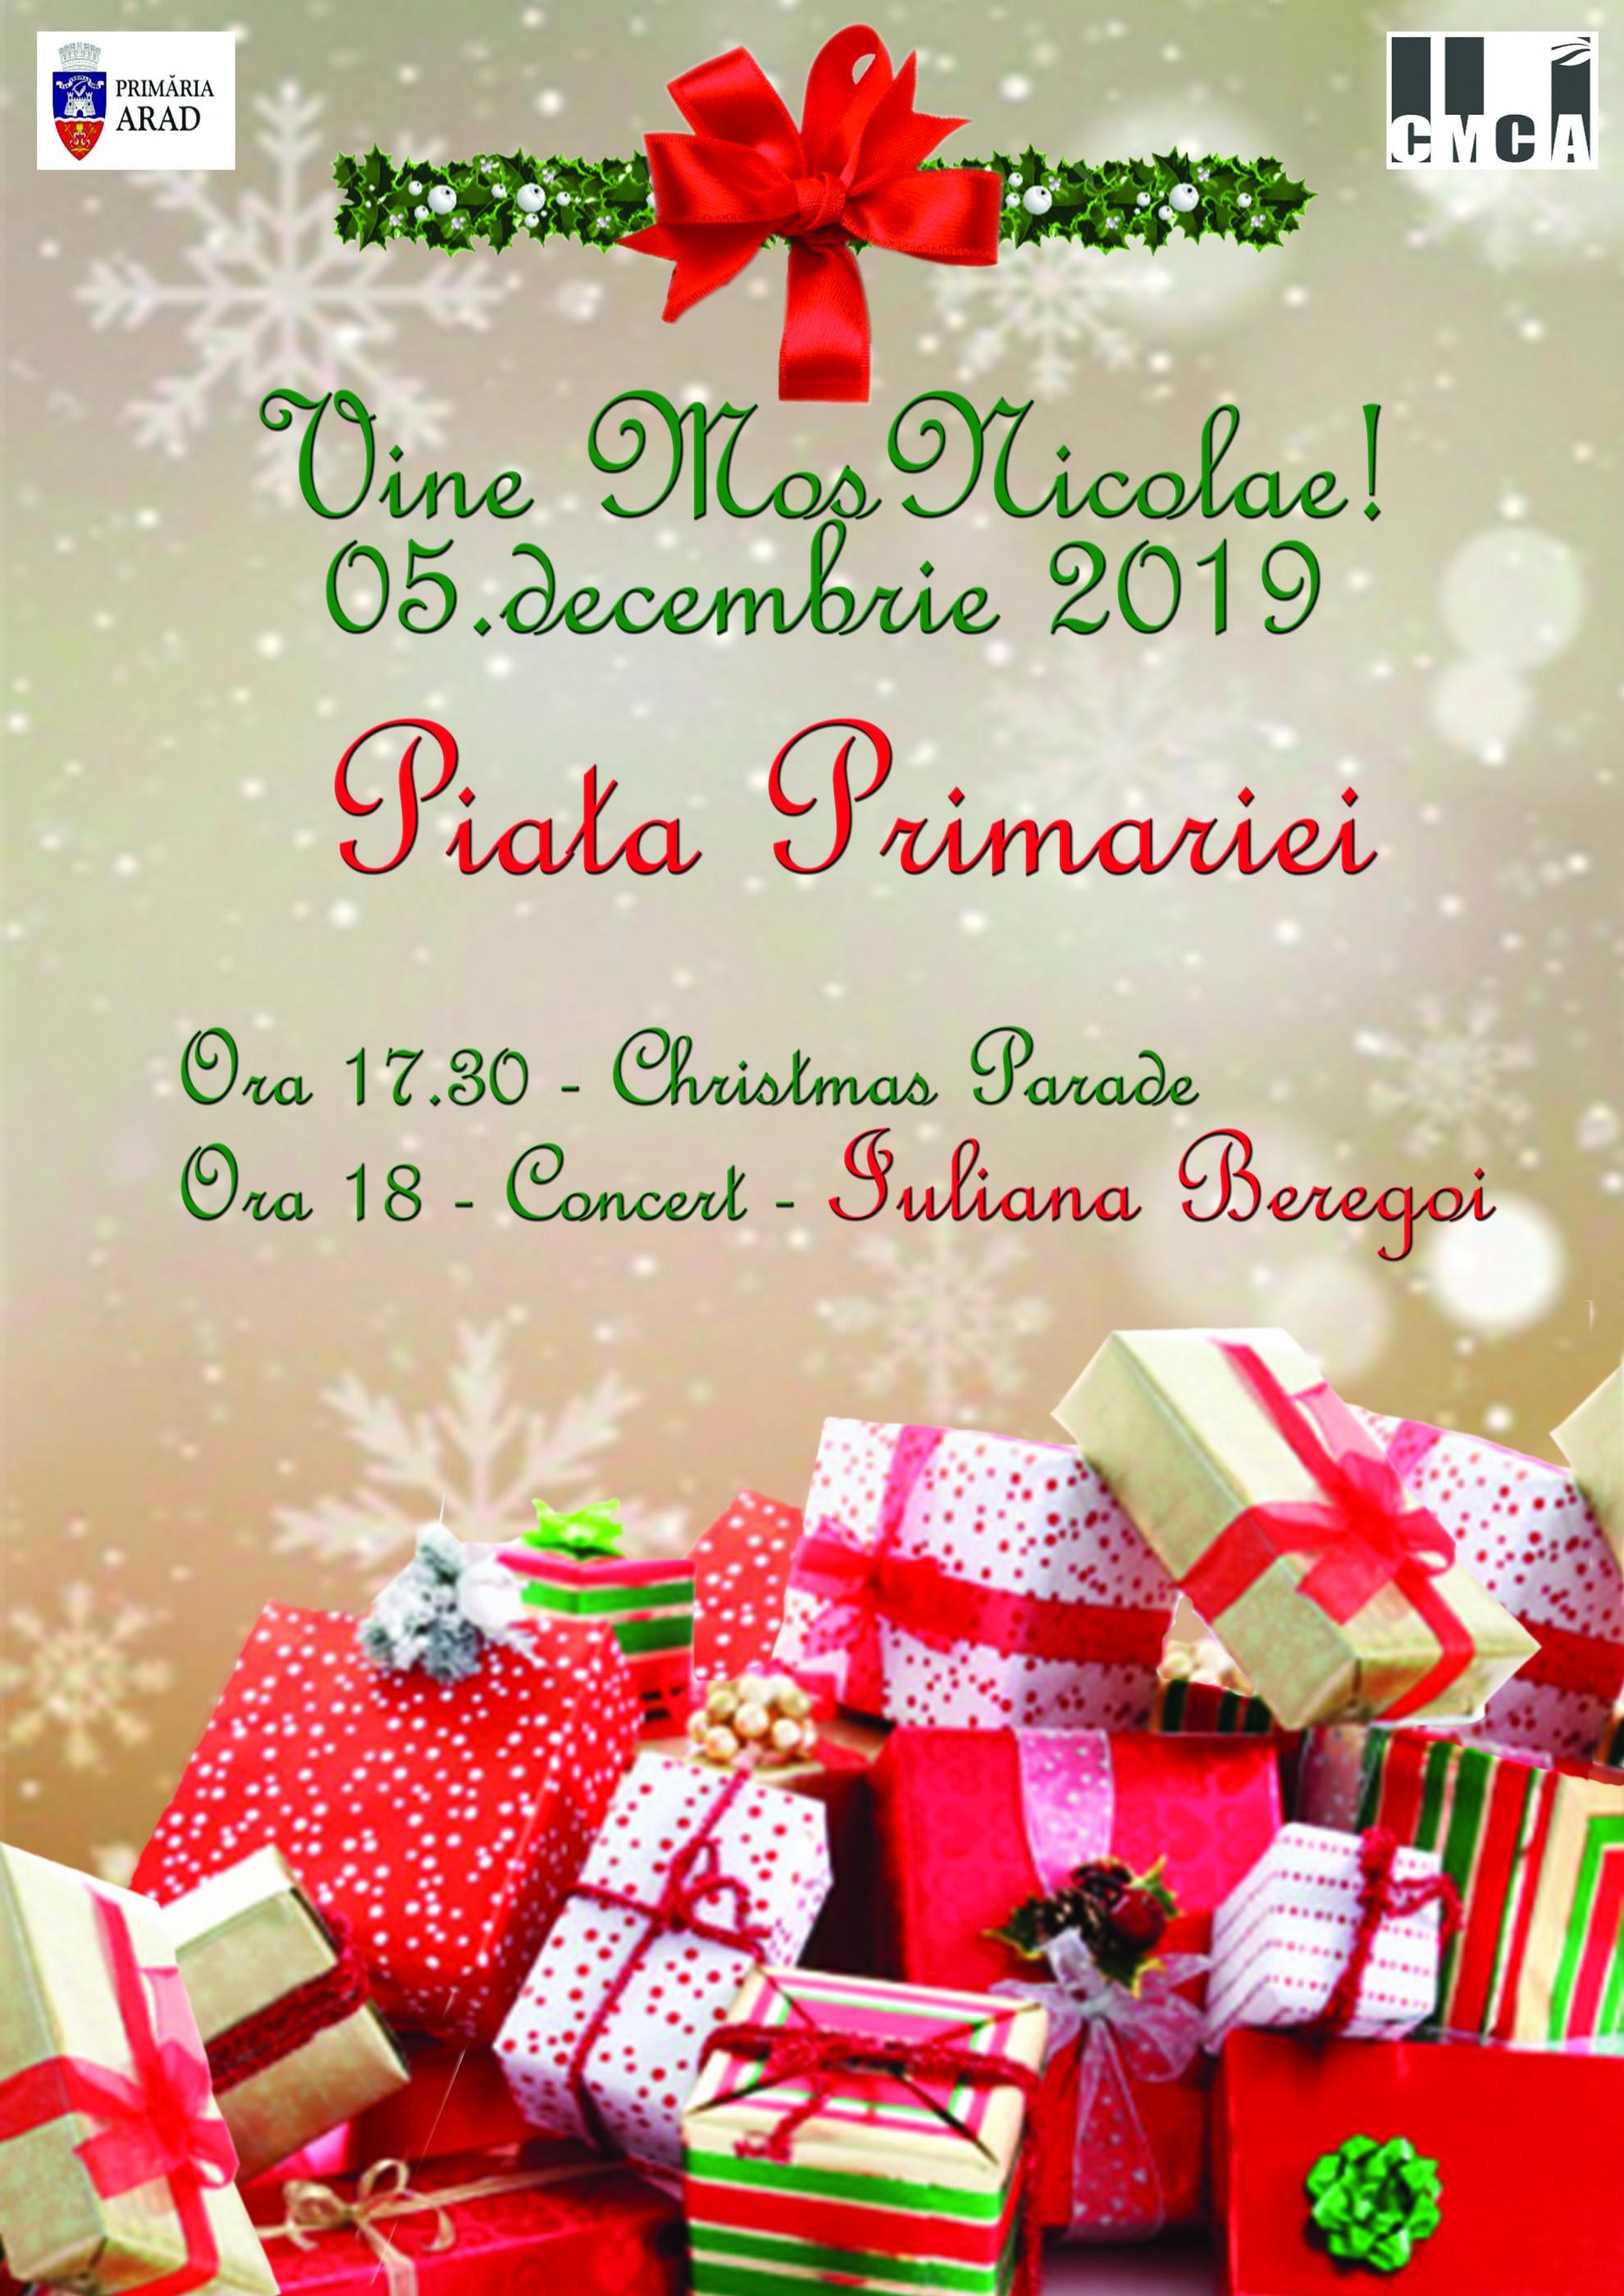 Festivitatea de aprindere a luminițelor în bradul de Crăciun. Vin Iuliana Beregoi, Christmas Parade și Moș Nicolae